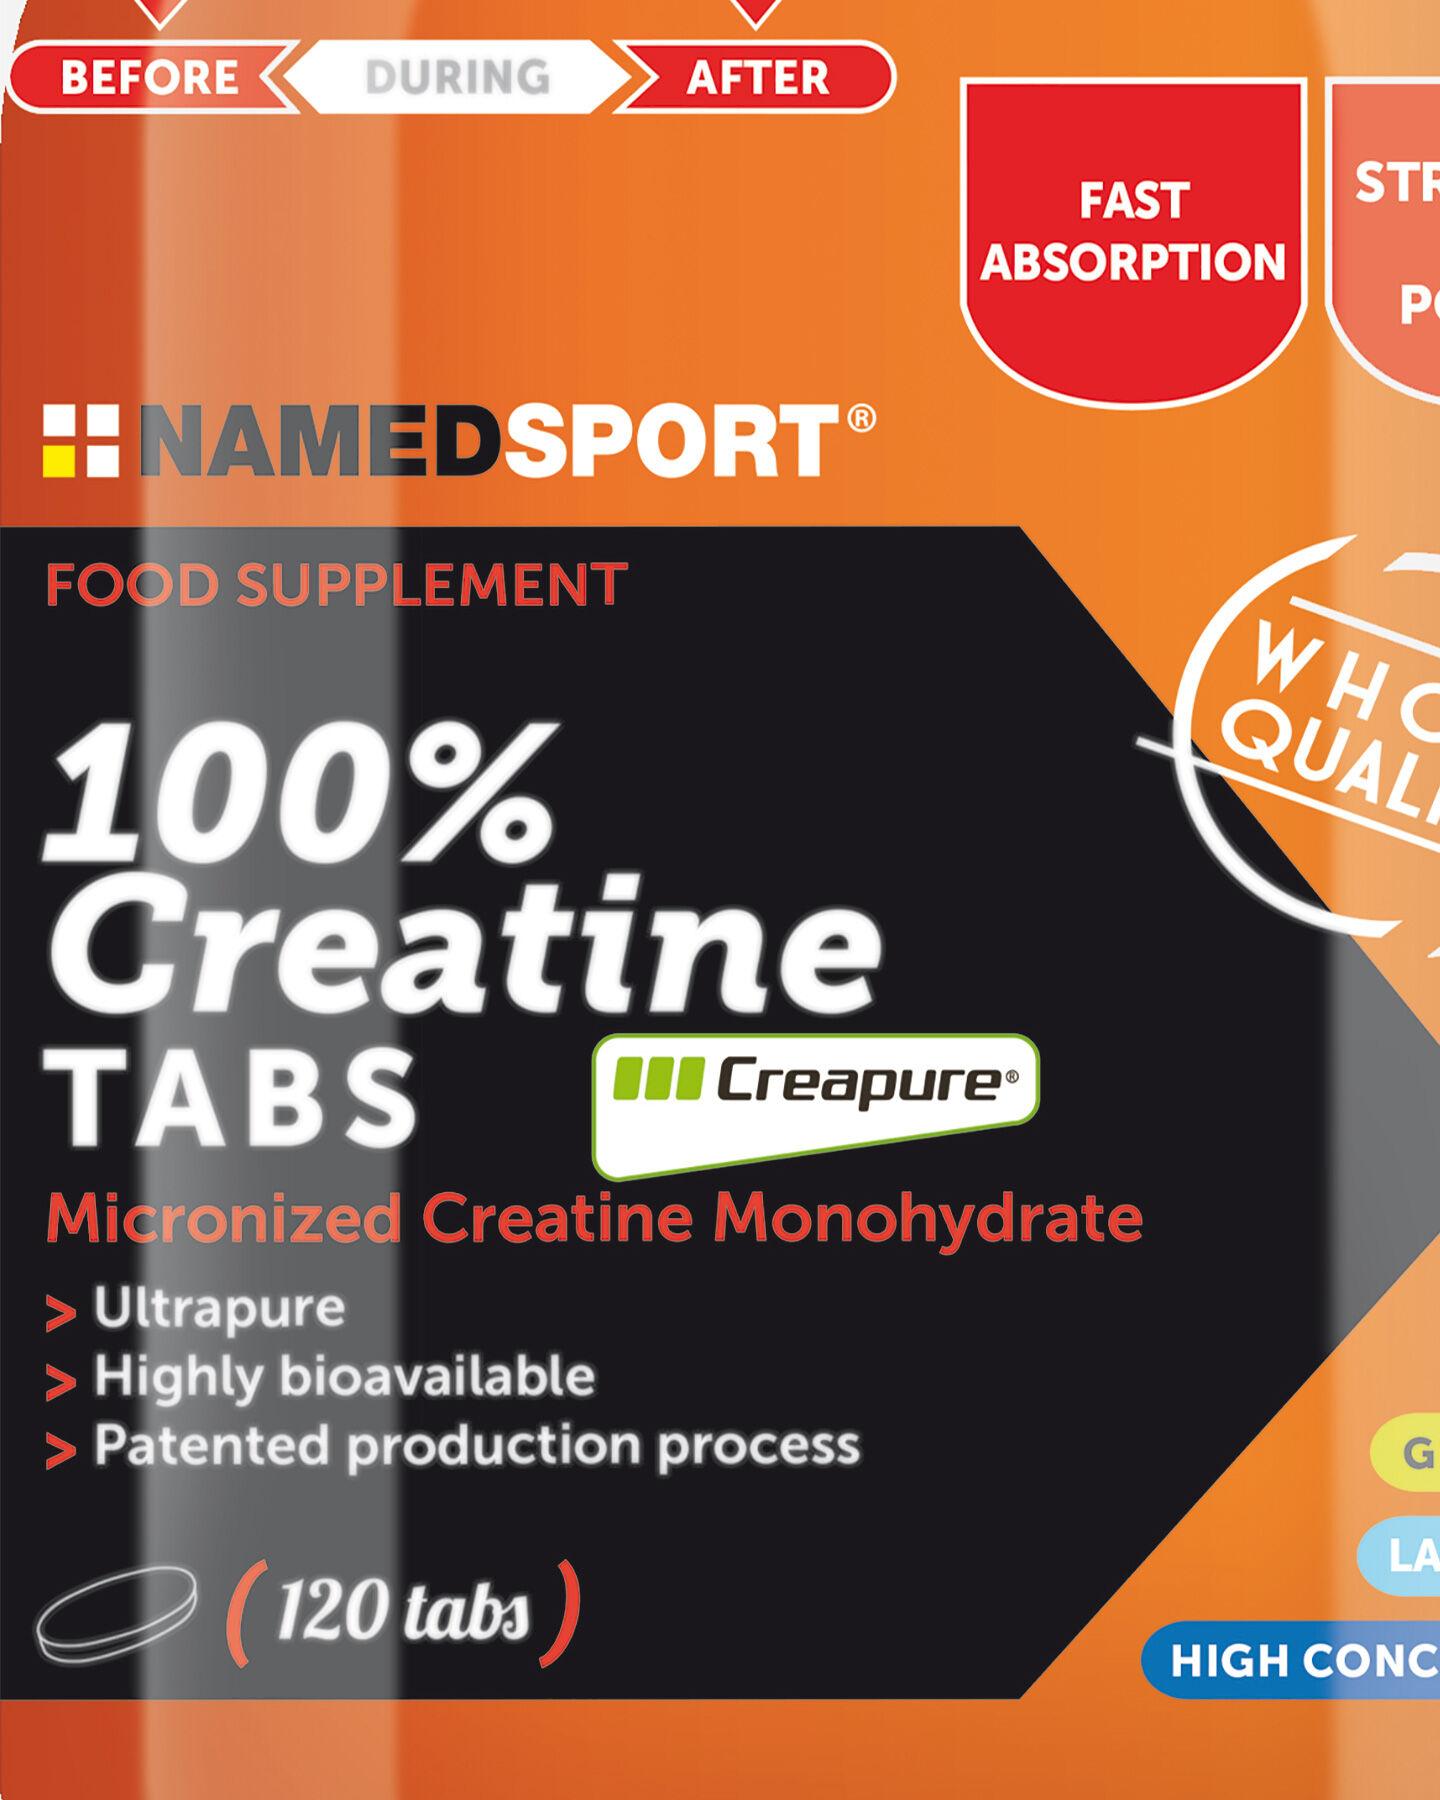 Energetico NAMED SPORT CREATINA 100% 120 CP S1308838 1 UNI scatto 1